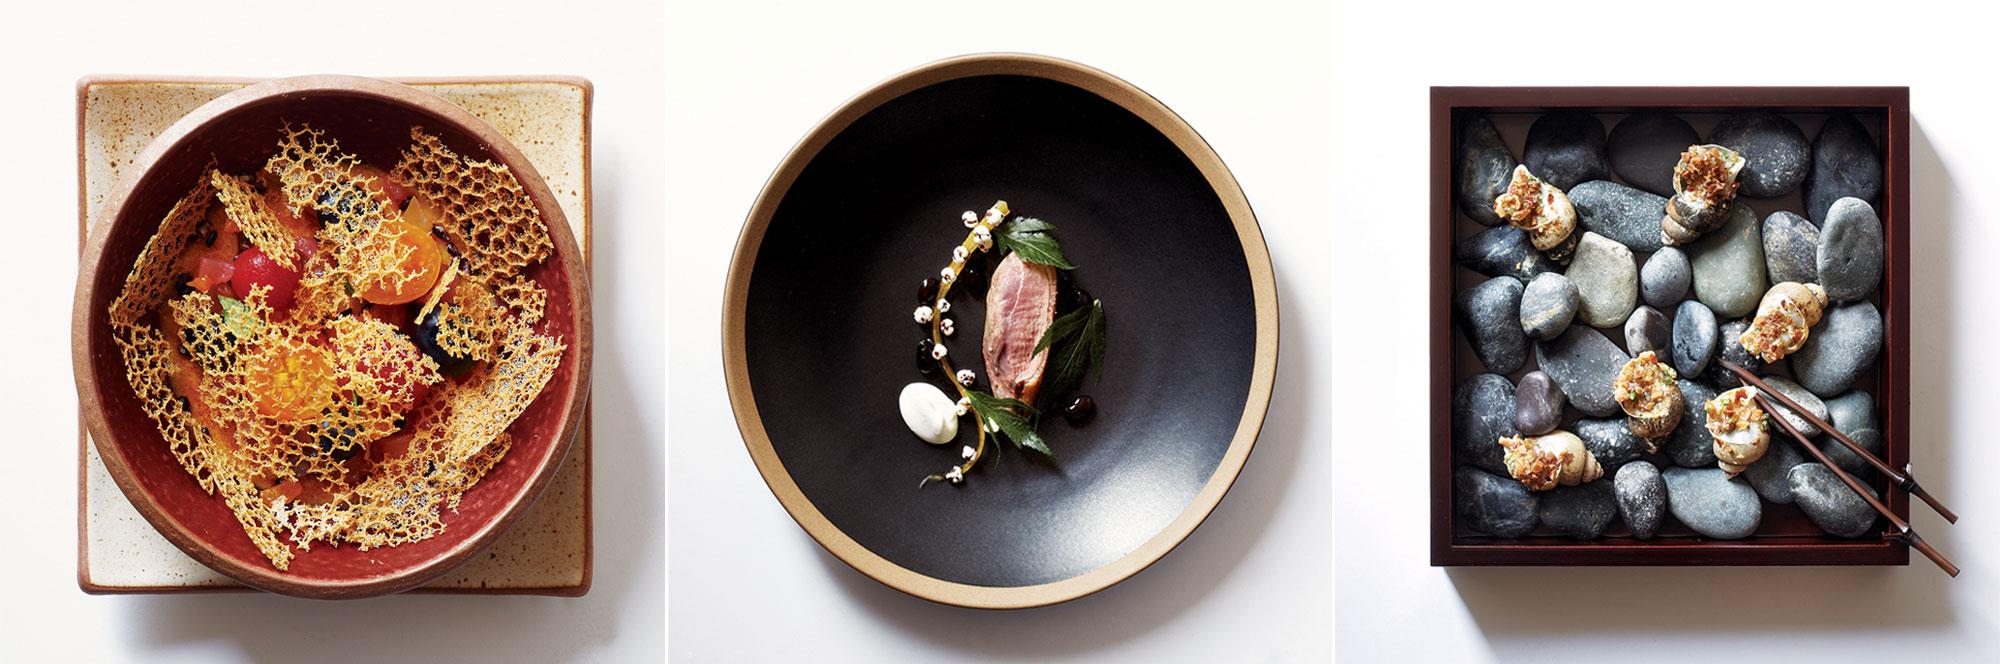 0702-NewRestaurant6